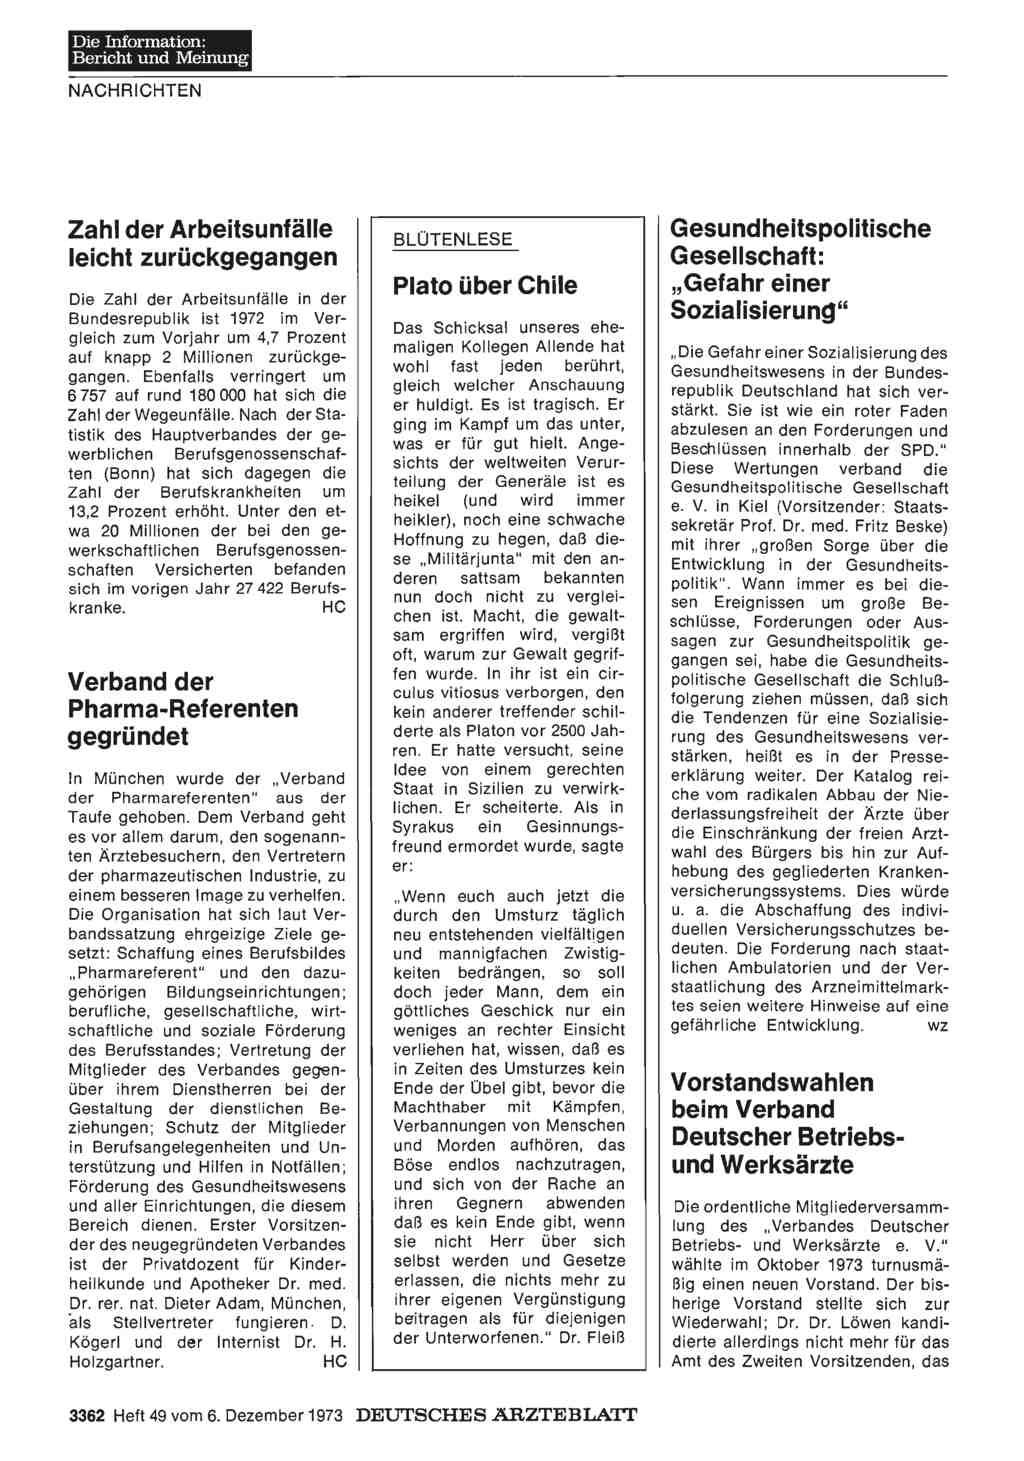 Verband der Pharma-Referenten gegründet